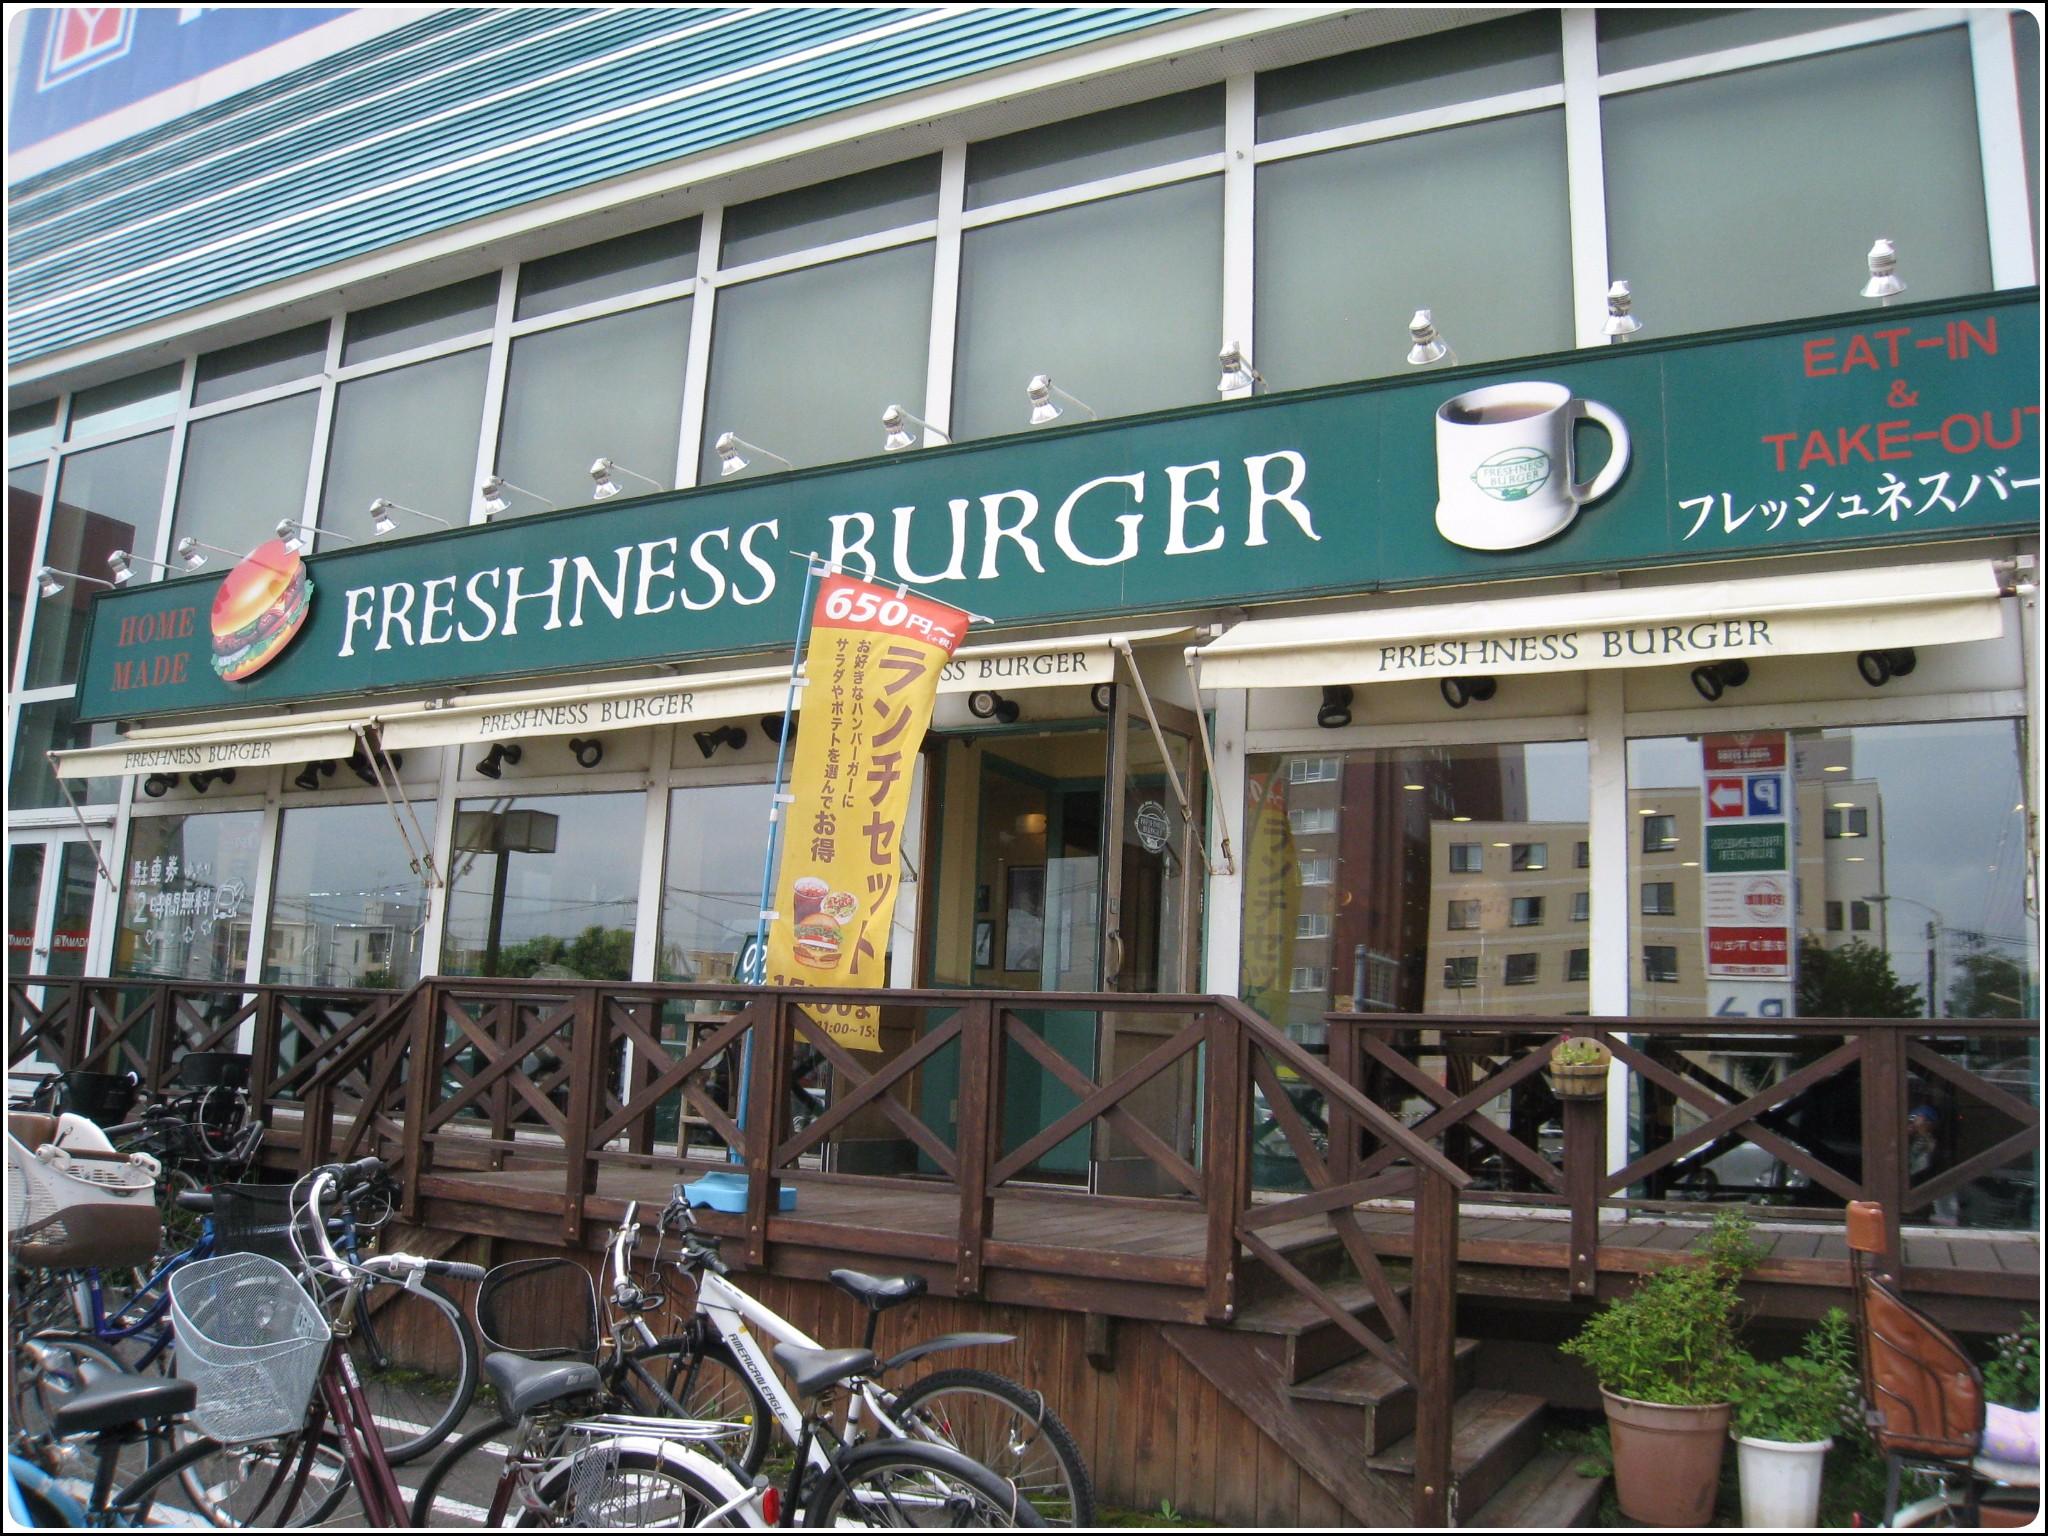 burgershop_1_723.jpg